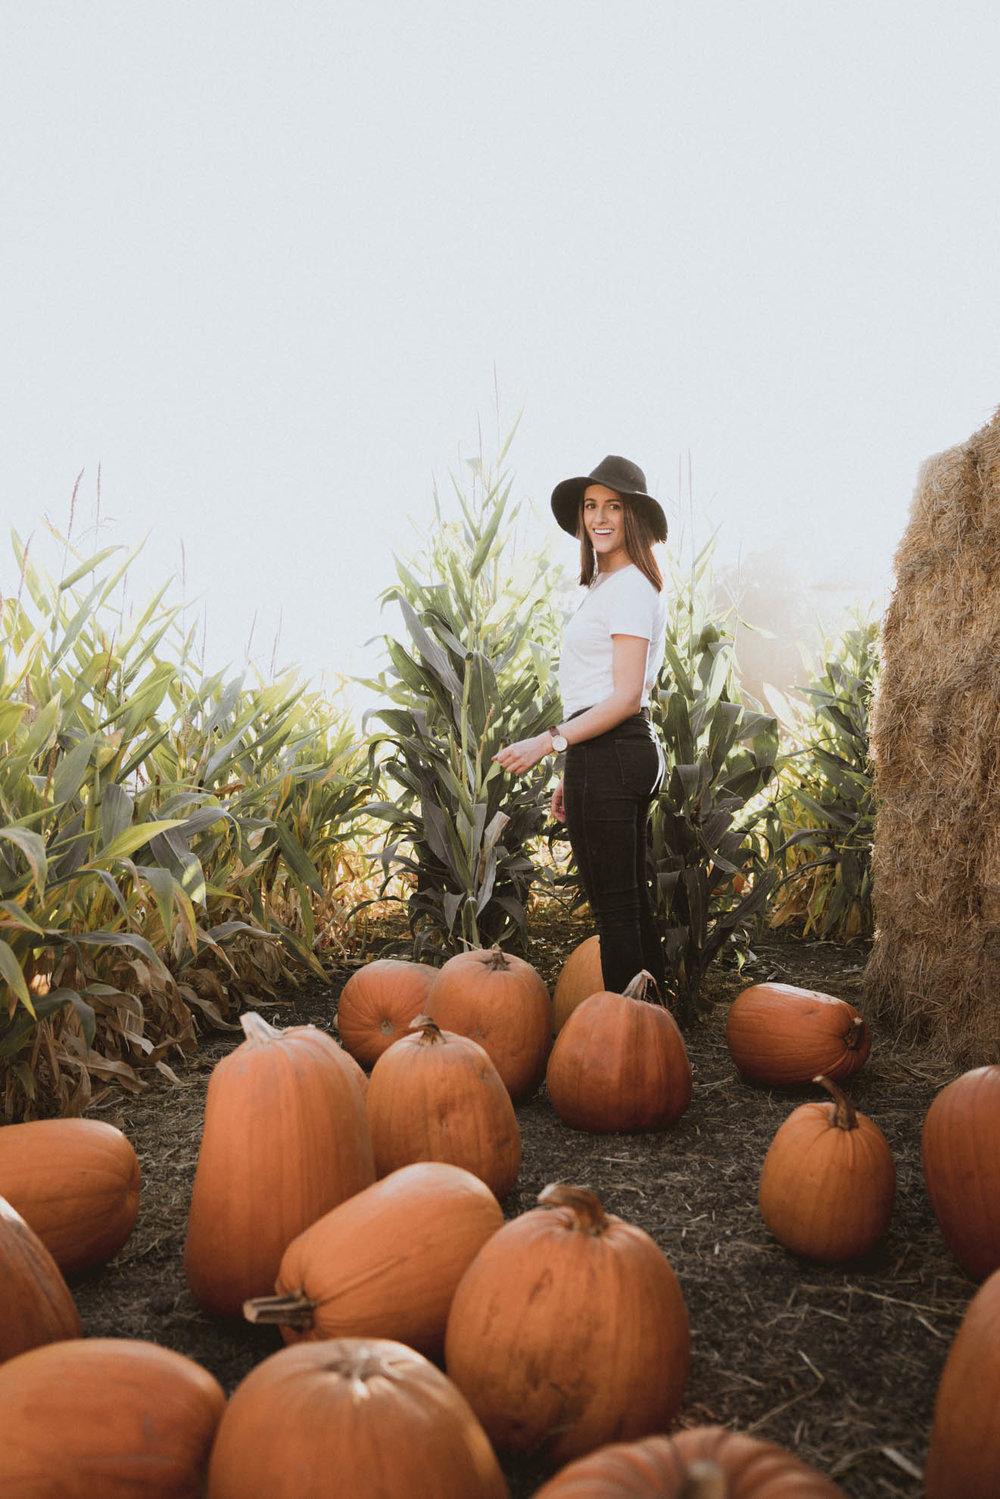 Corn fields at Arata's Pumpkin Farm